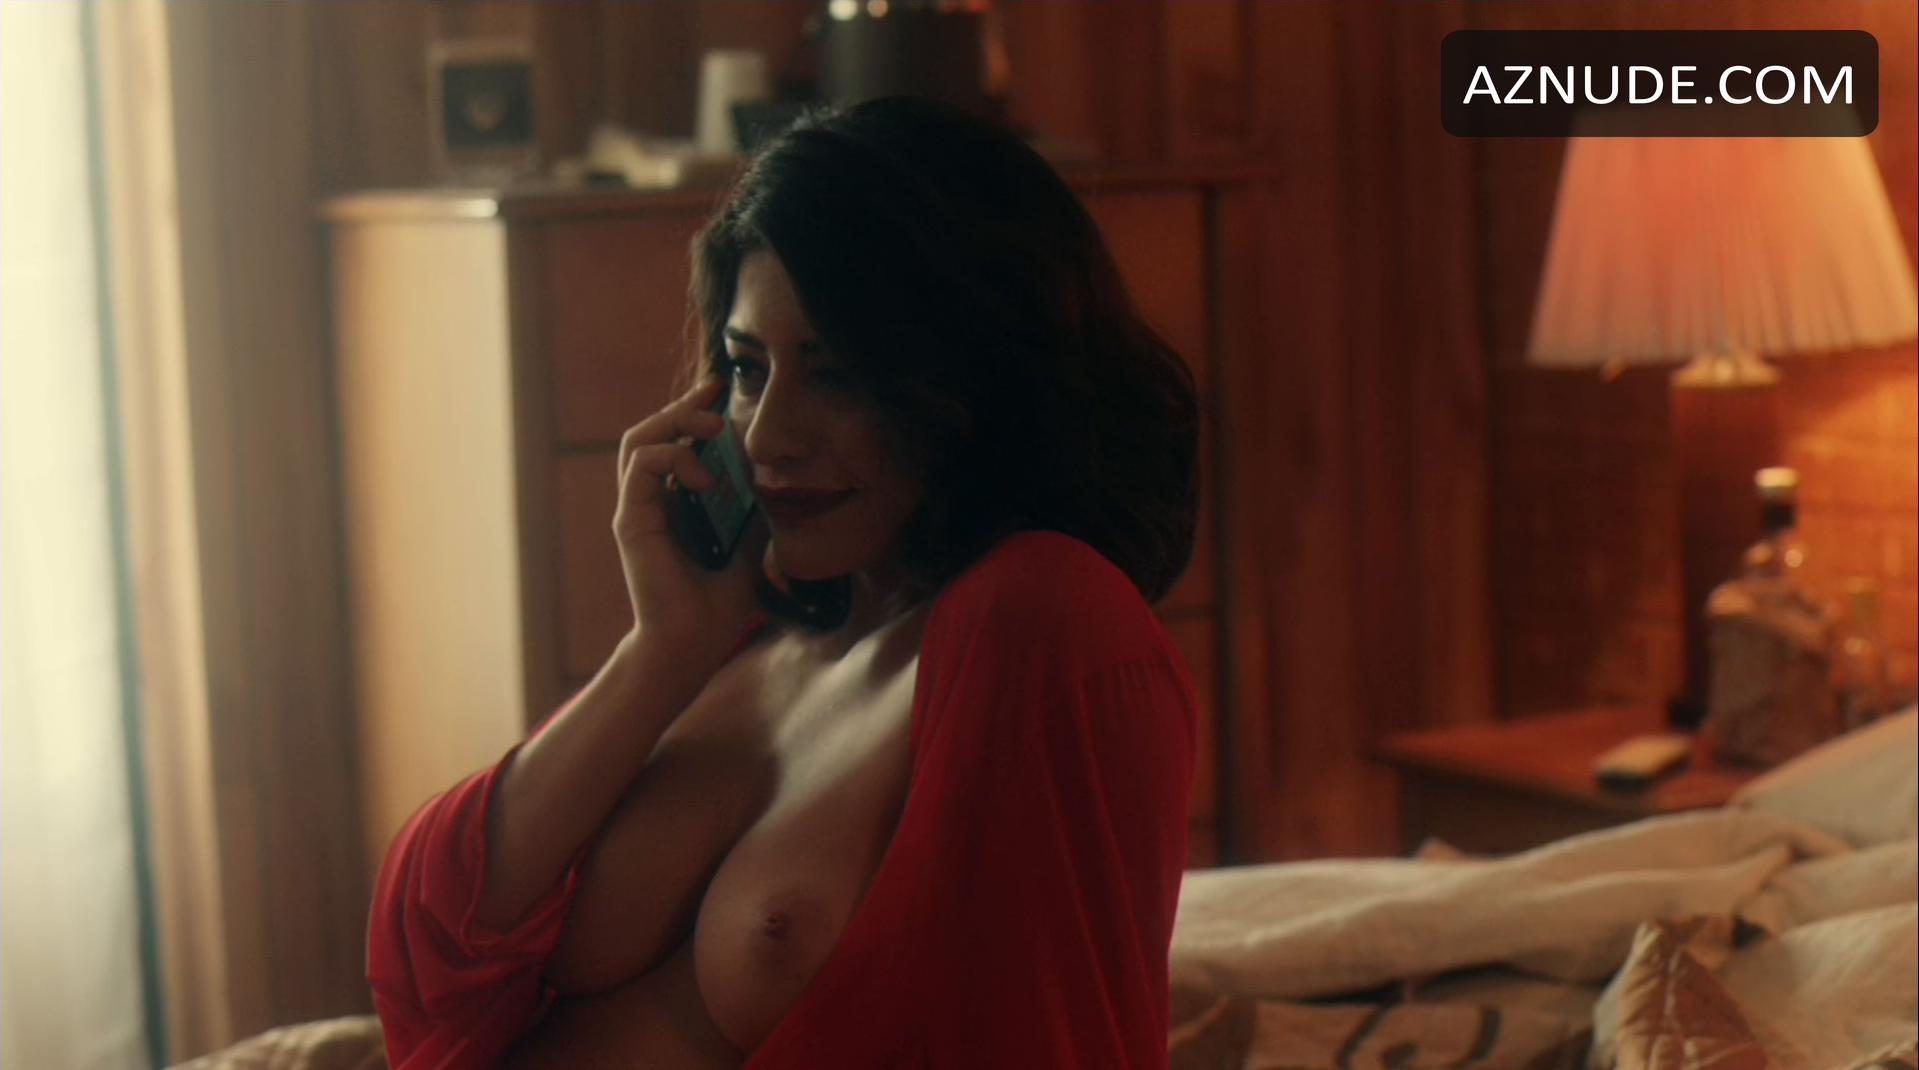 naked (71 photo), Sexy Celebrites image